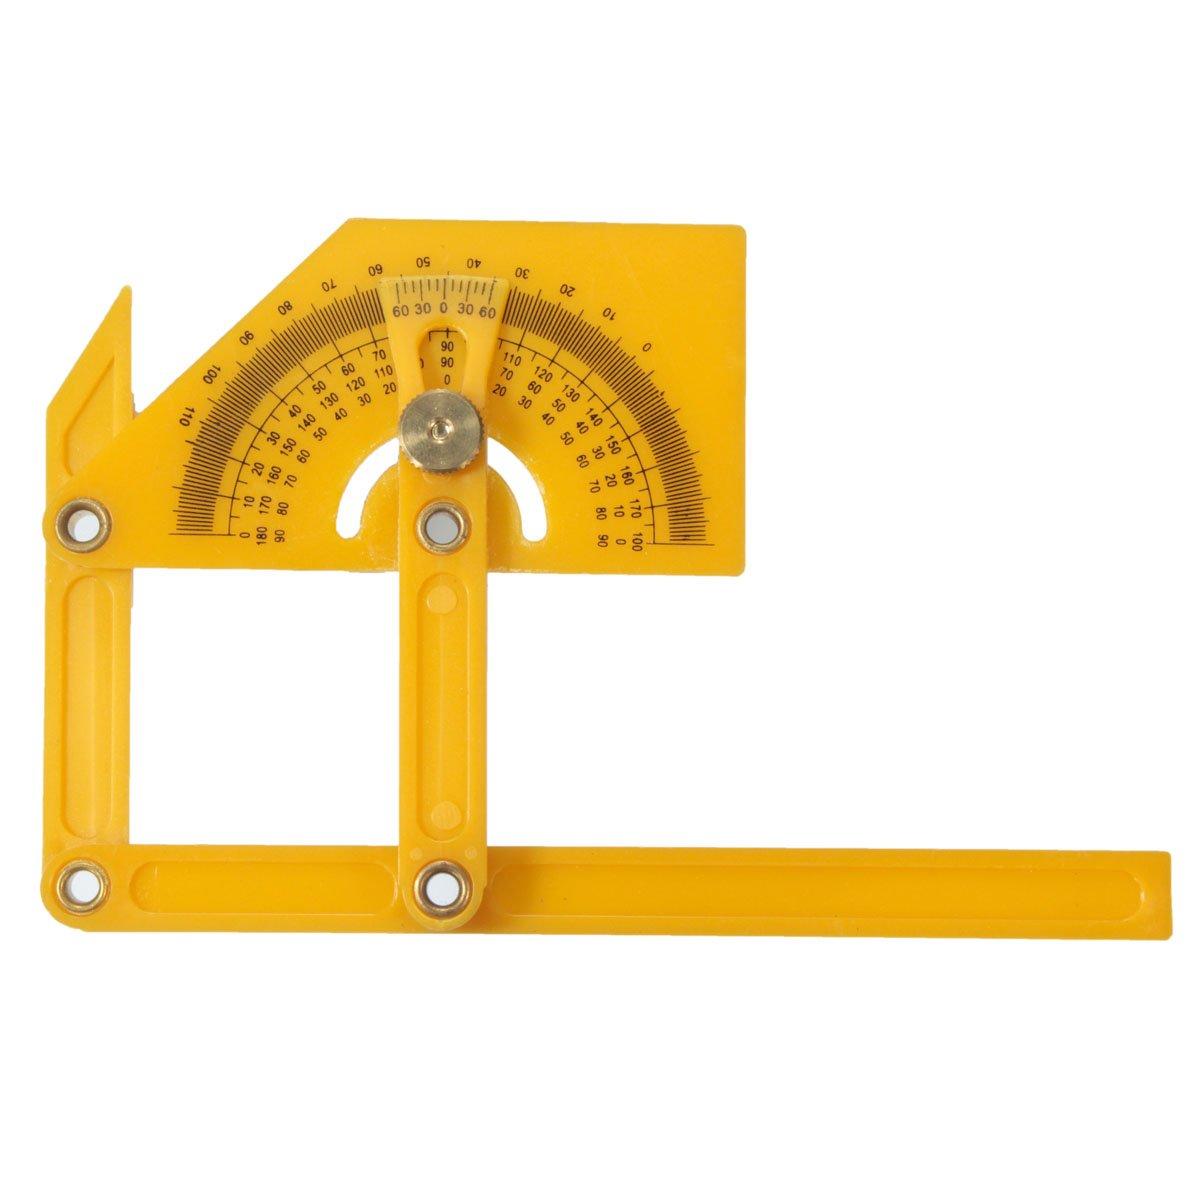 Tutoy Plastica Regolabile Obliquo Angolo Indicatore Level Finder Strumento Di Misura Goniometro